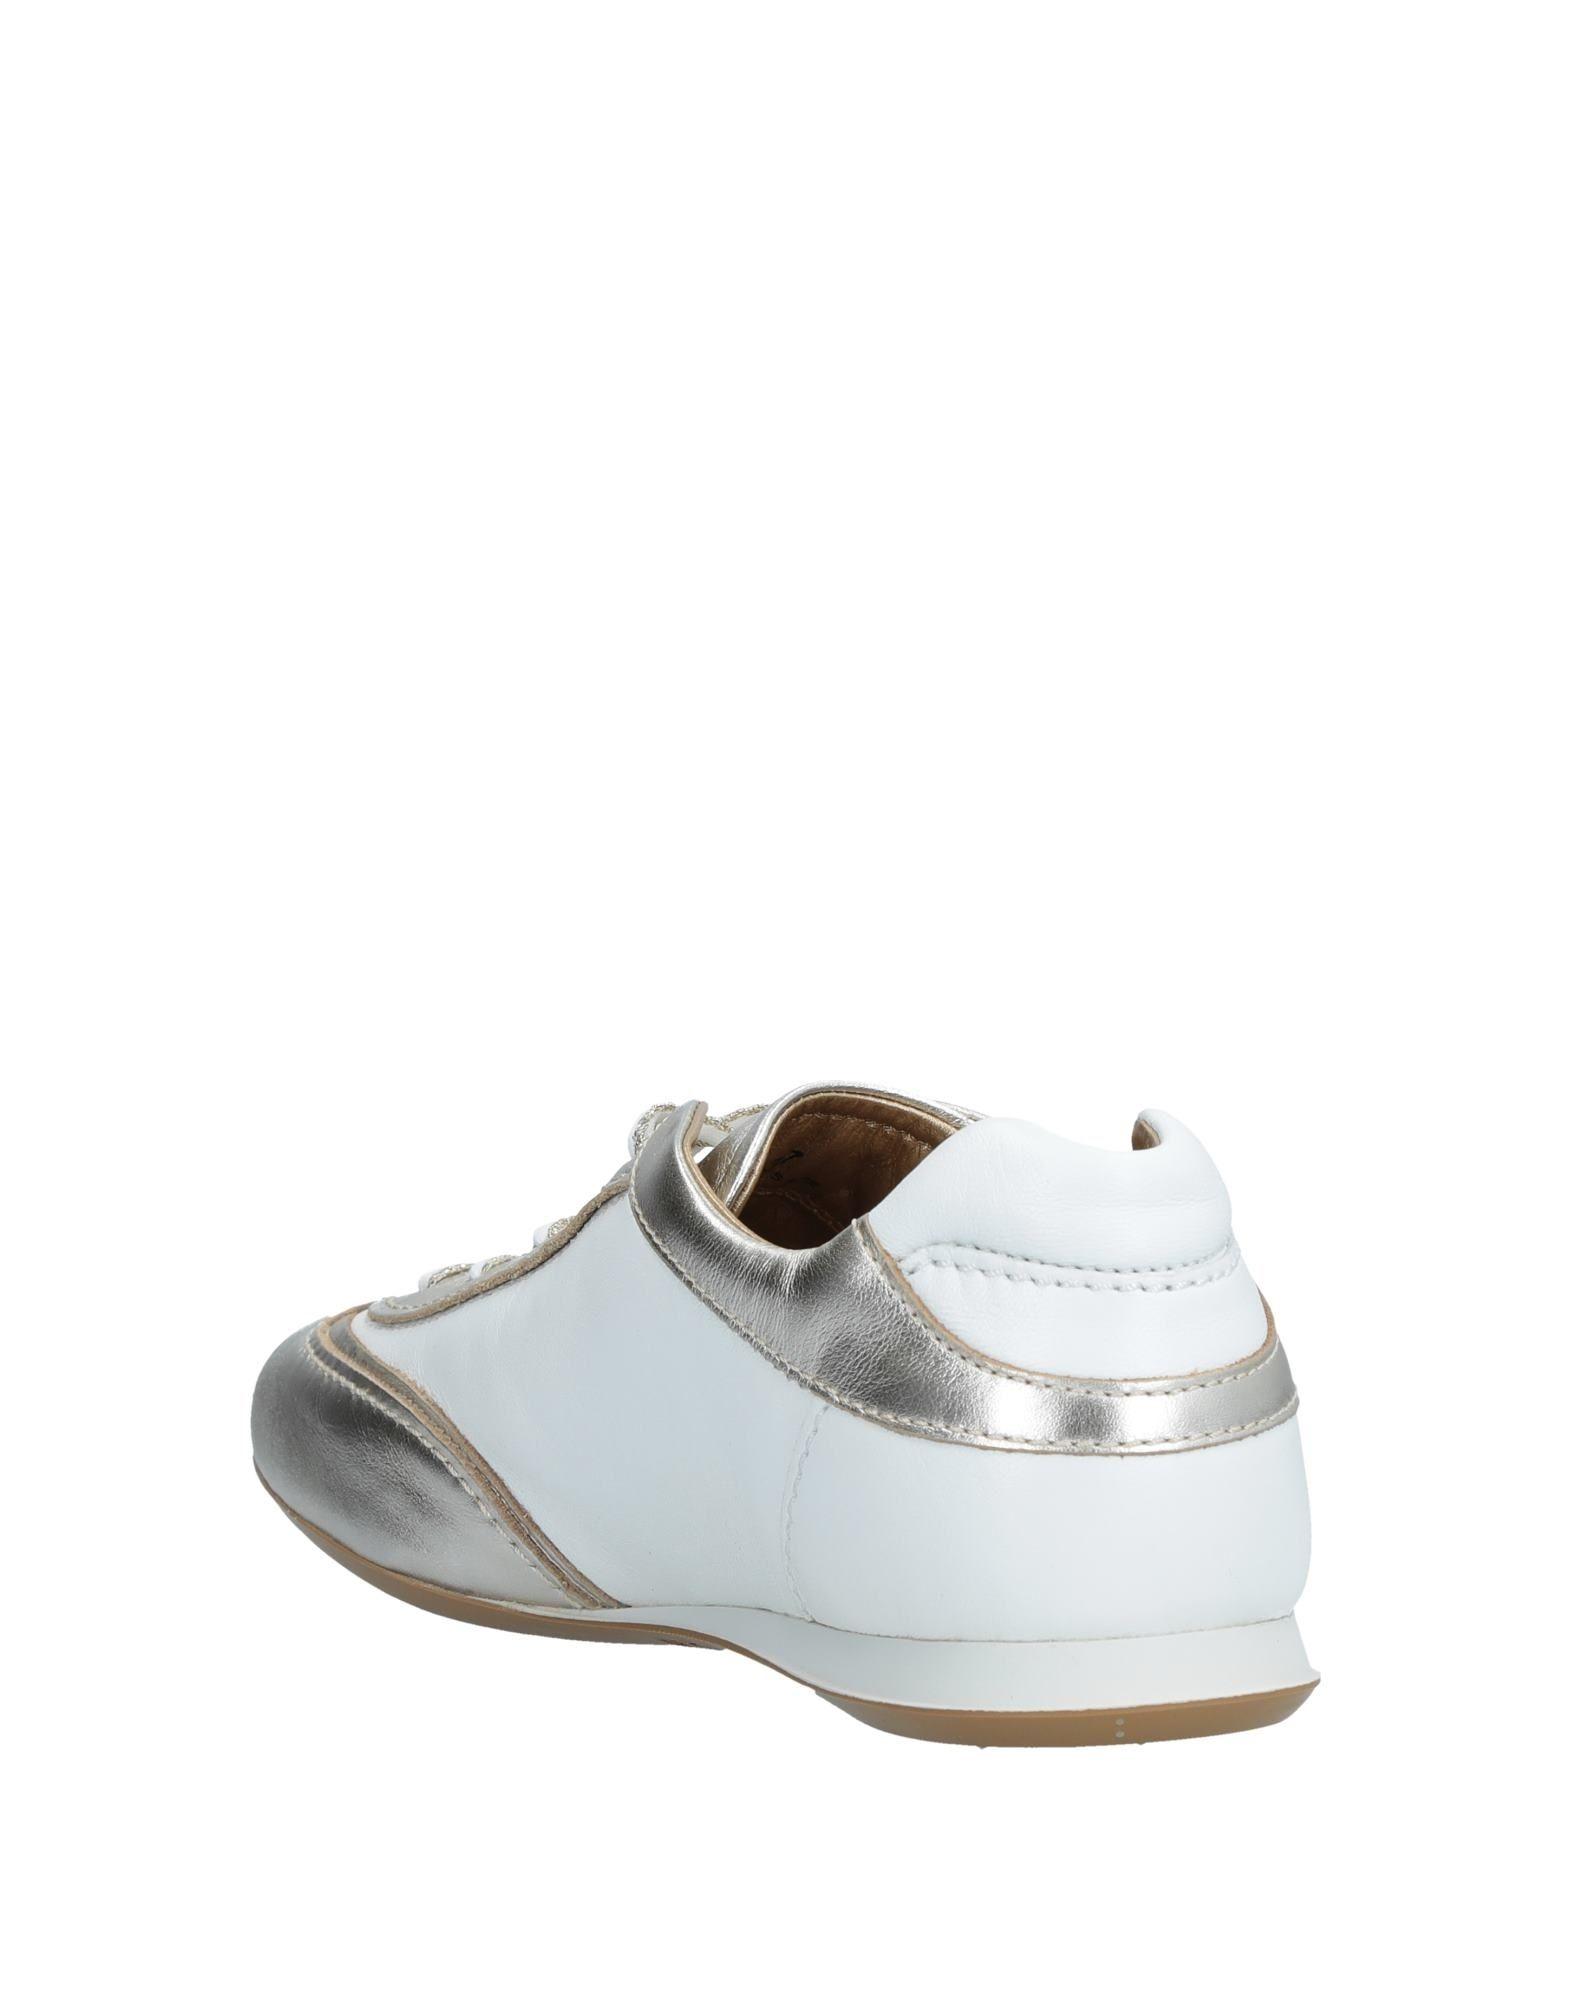 Hogan  Sneakers Damen  Hogan 11541702MA Heiße Schuhe 64f546